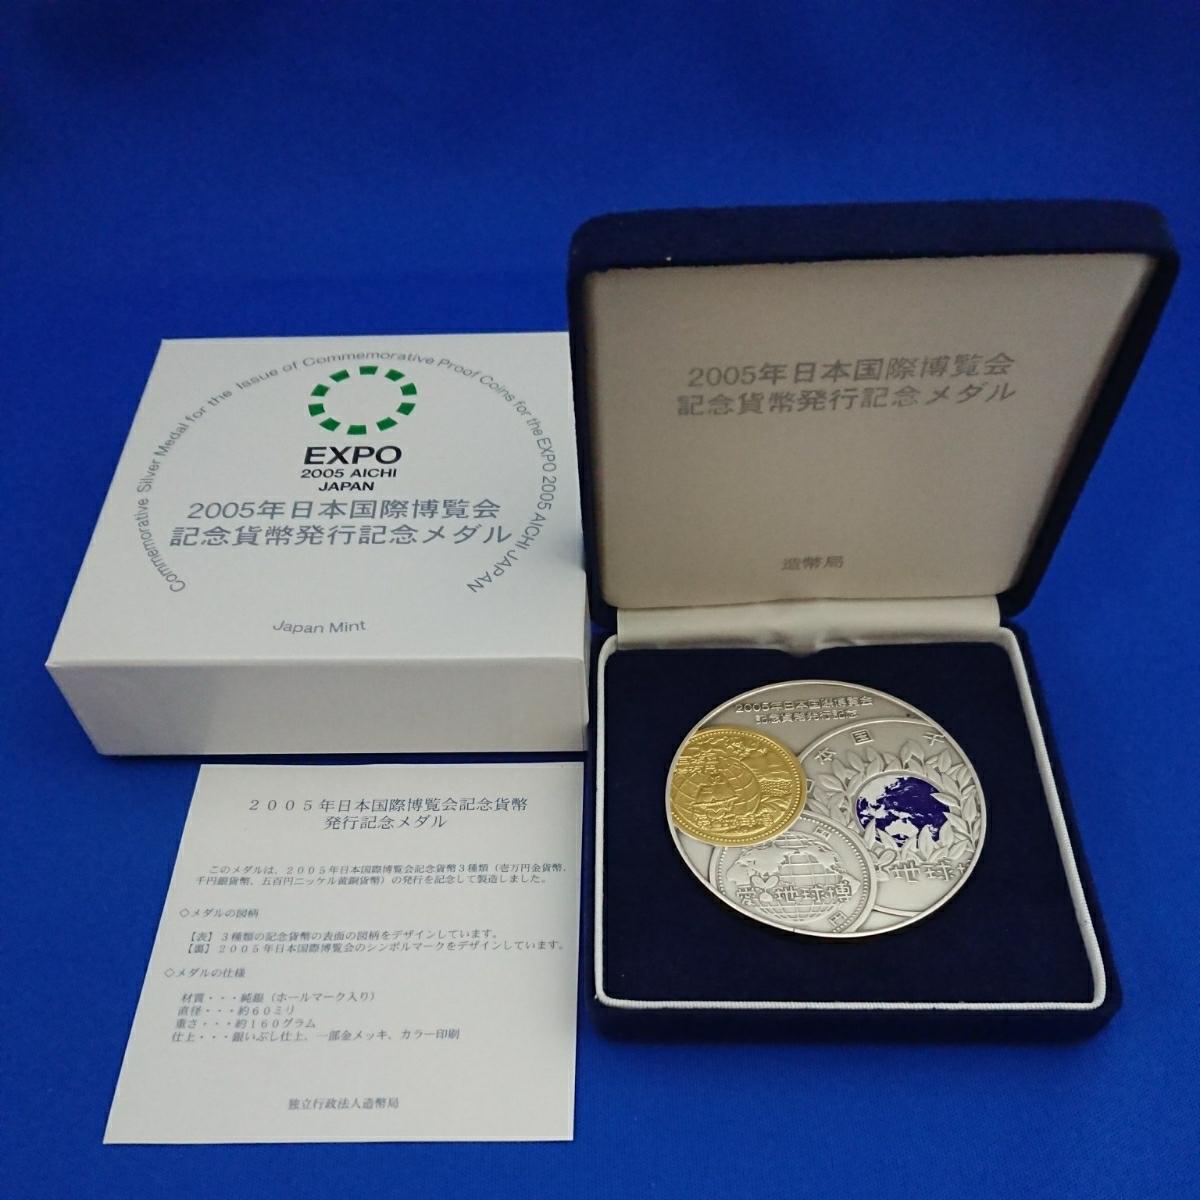 ♪♪♪2005年 愛・地球博  日本国際博覧会 記念貨幣発行記念メダル 千円銀貨幣プルーフ貨幣セット 2つまとめて 純銀 造幣局 ♪♪♪_画像6